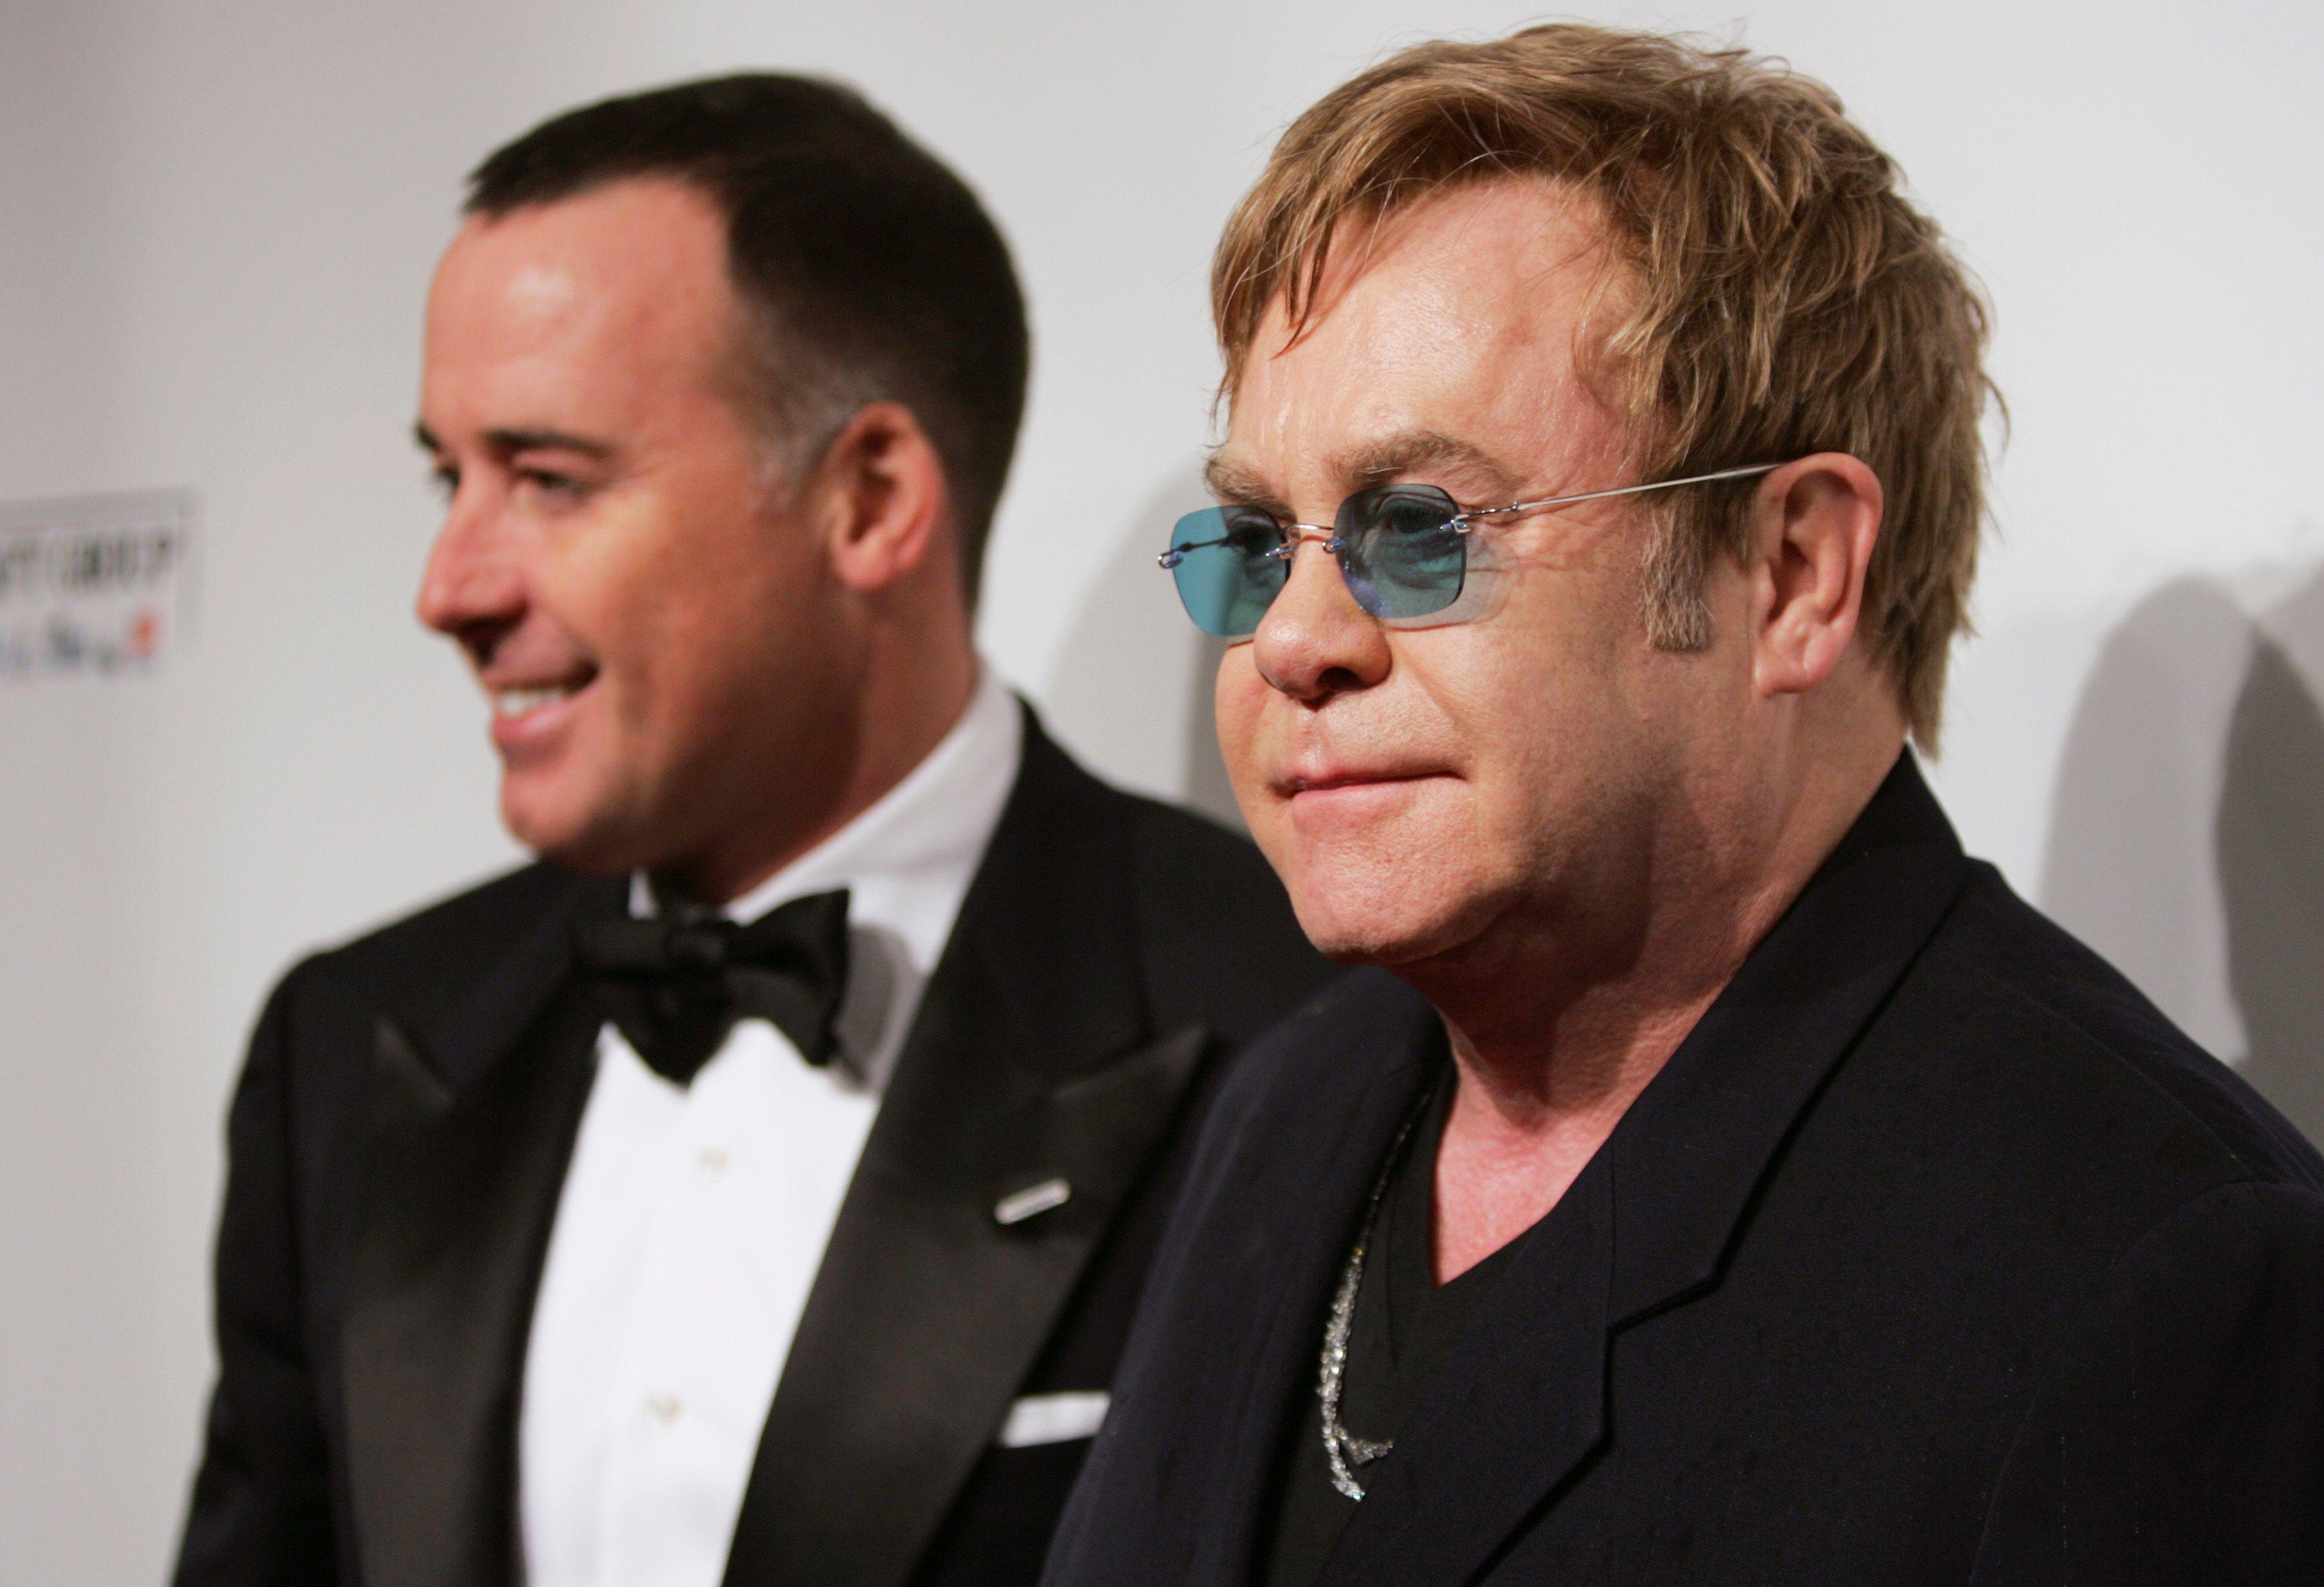 Elton John et David Furnish se marieront ce dimanche à Windsor